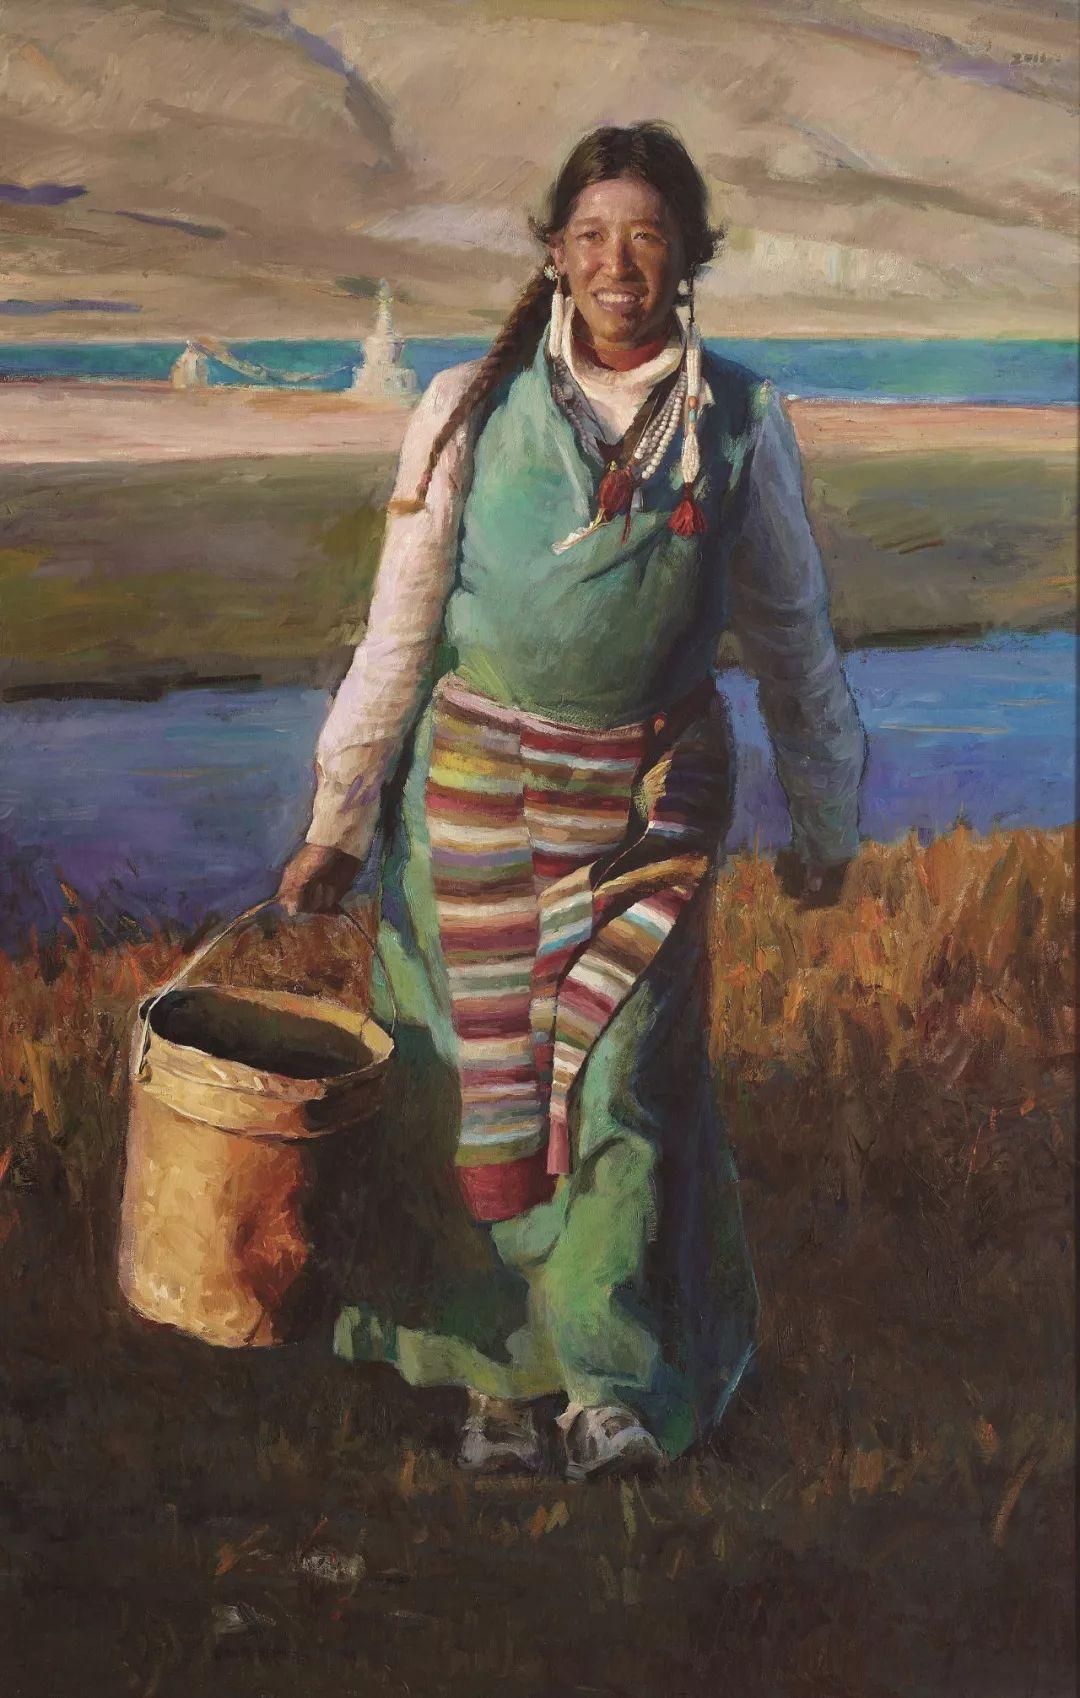 韩玉臣 2011年《圣湖桑珠》油画 180cmx115cm